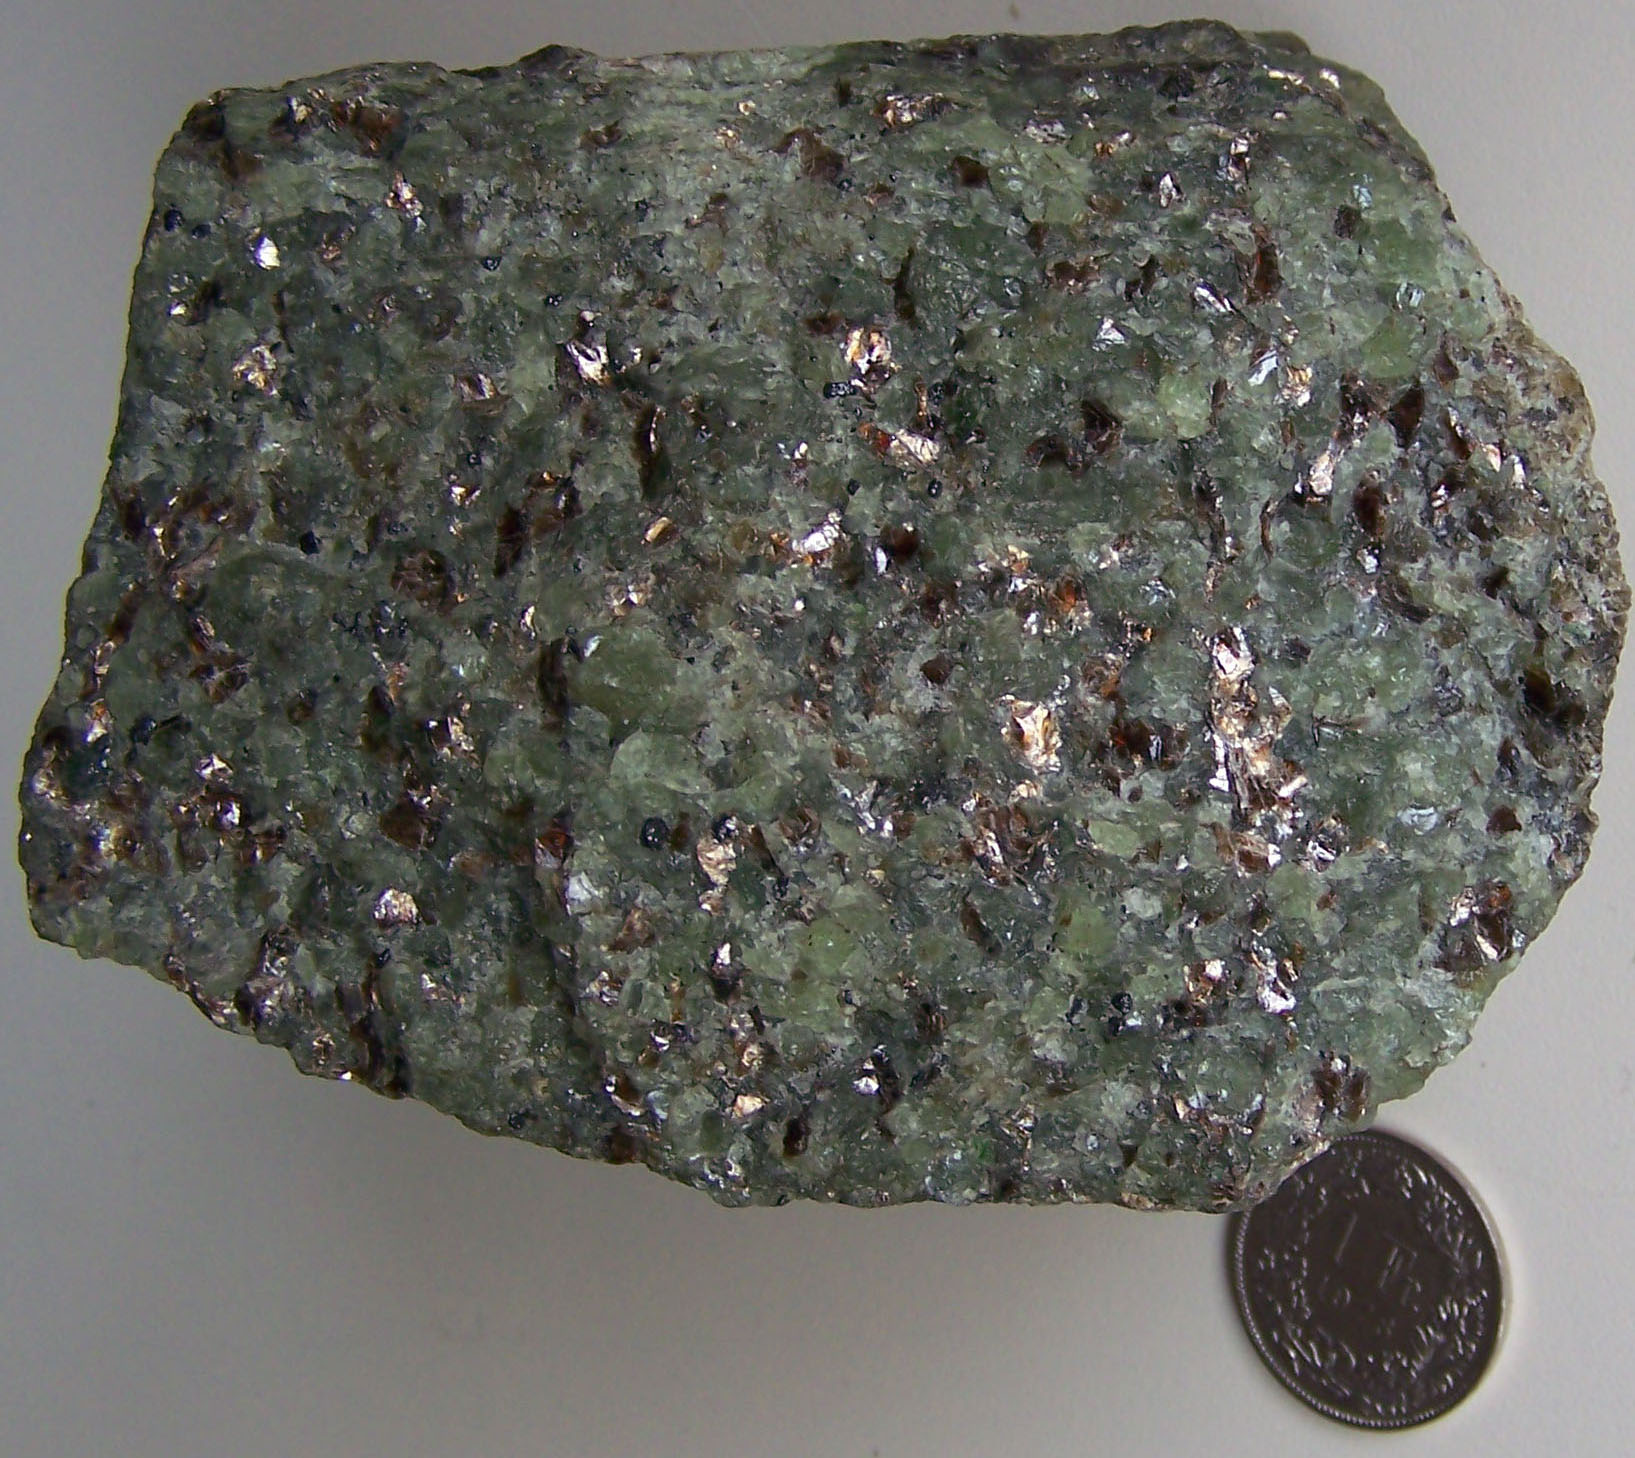 File:Phlogopite peridotite.jpg - Wikipedia